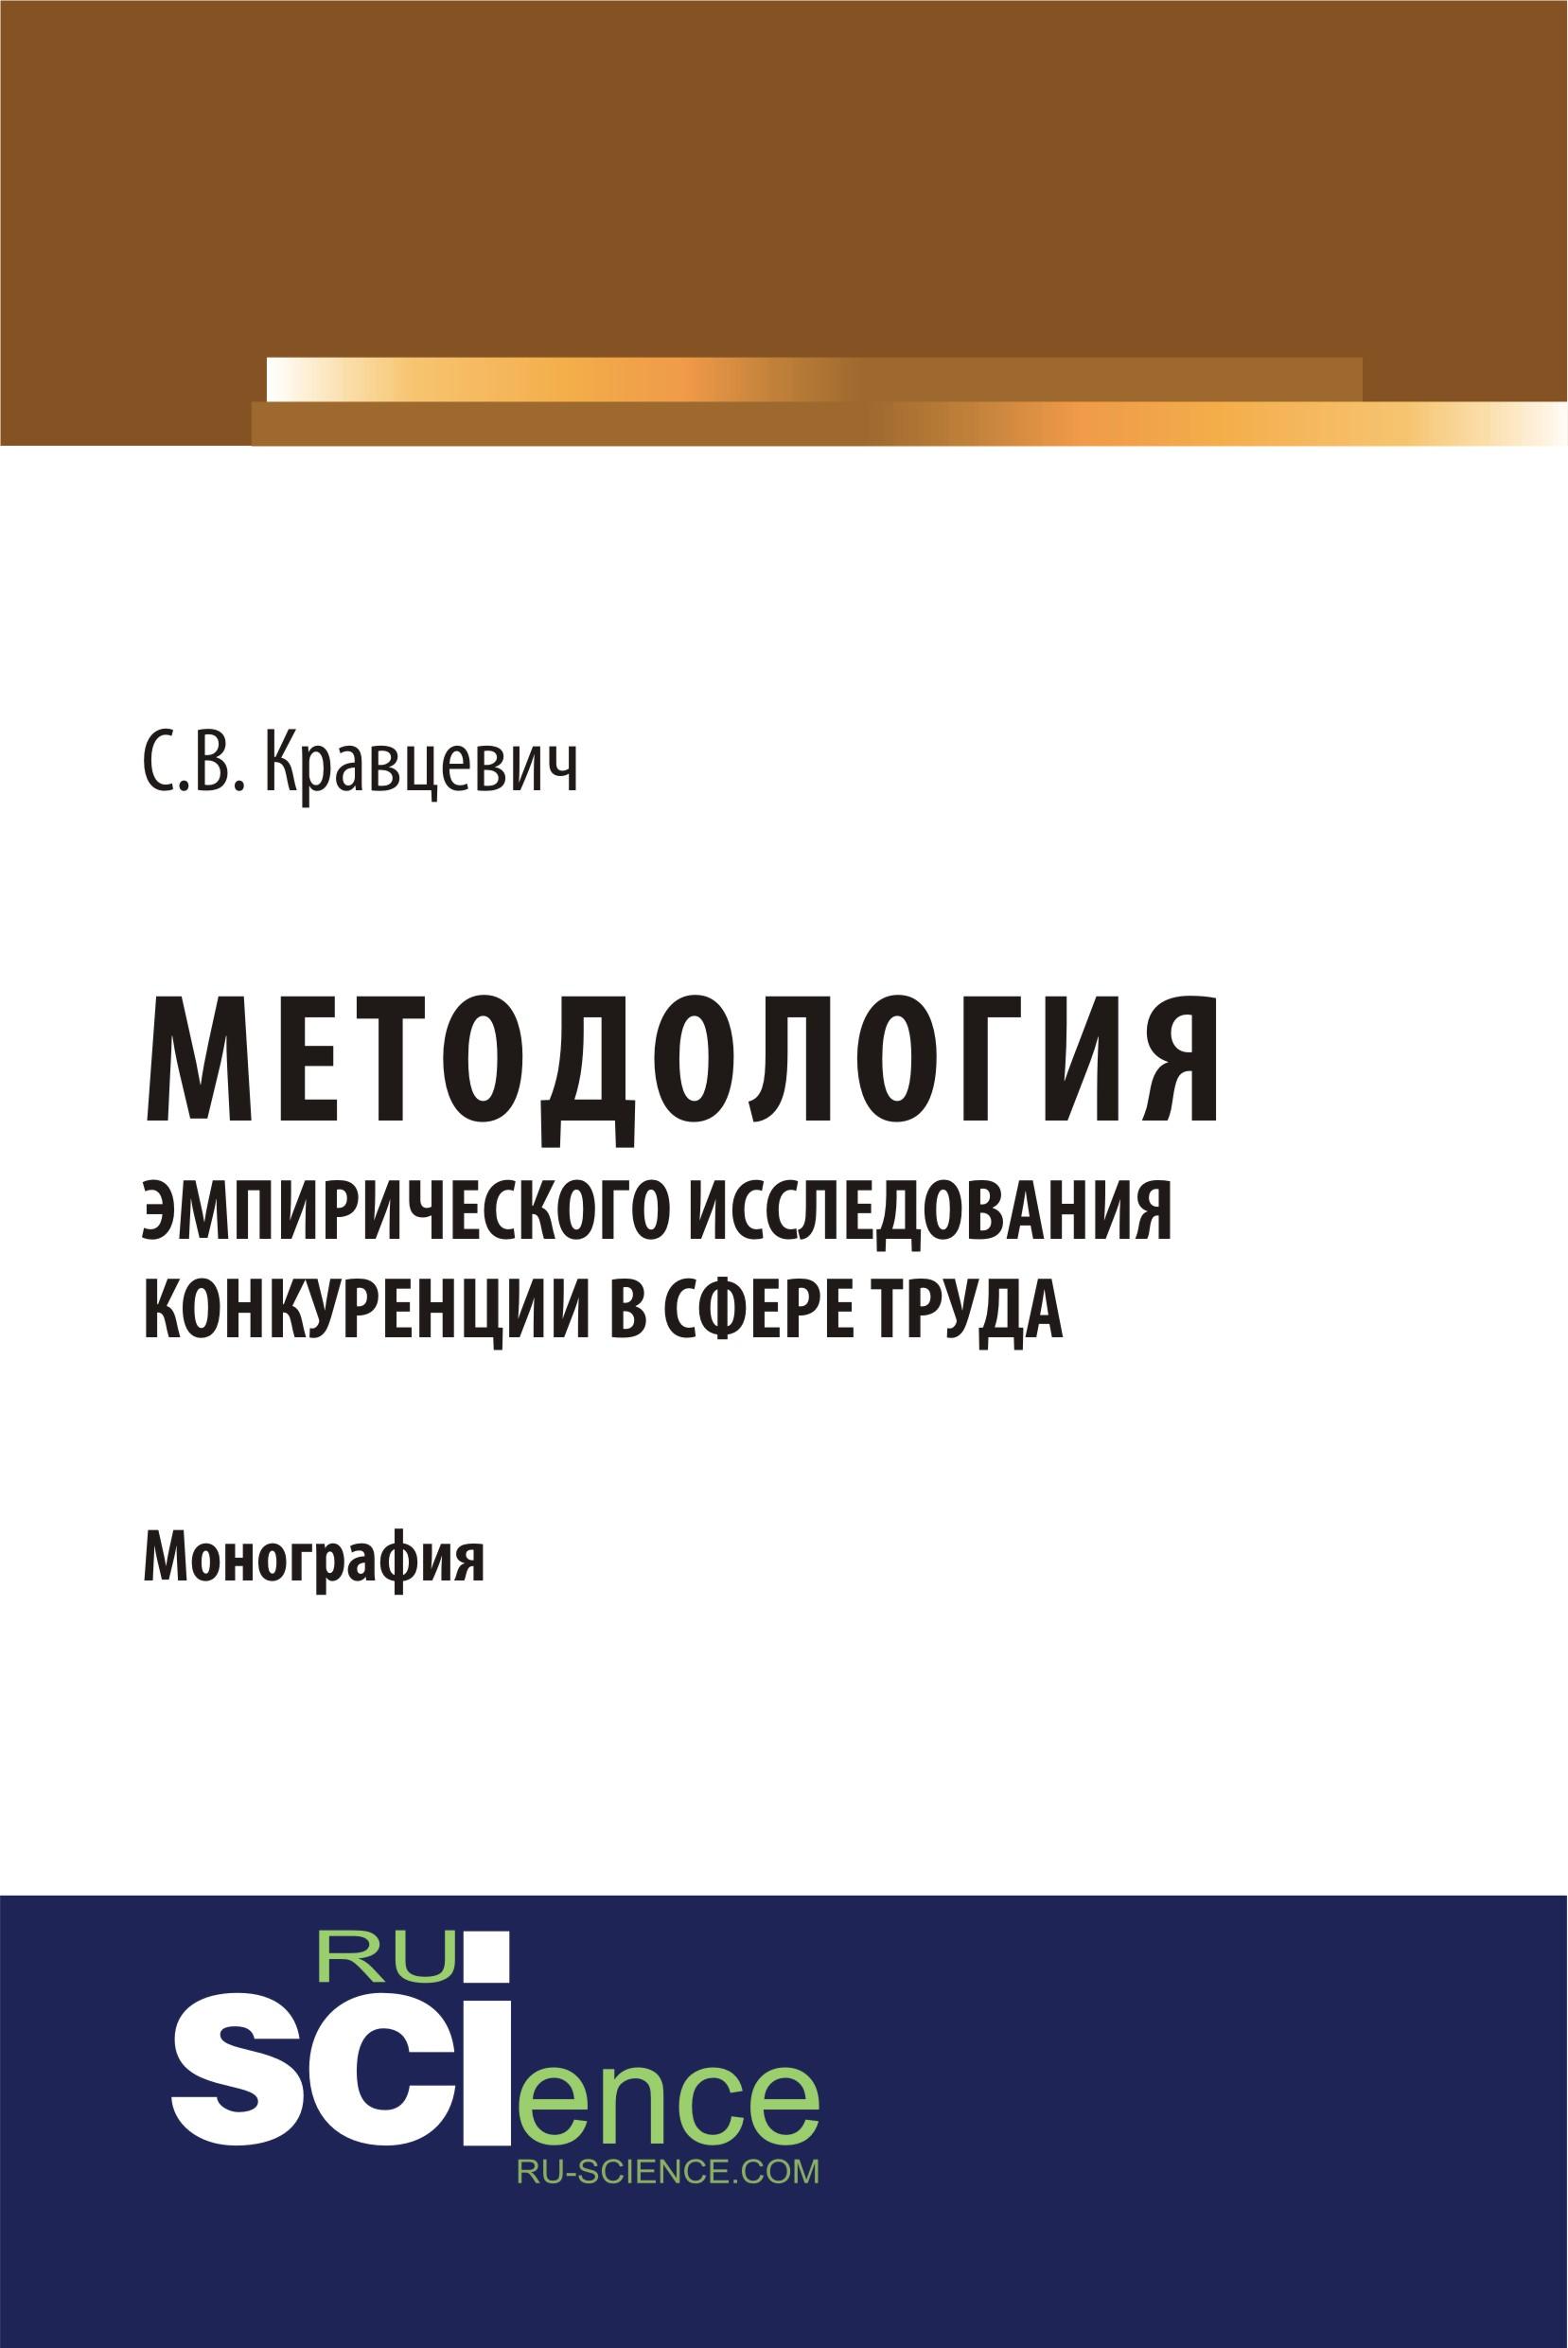 С. В. Кравцевич Методология эмпирического исследования конкуренции в сфере труда графкина м охрана труда в непроизводств сфере